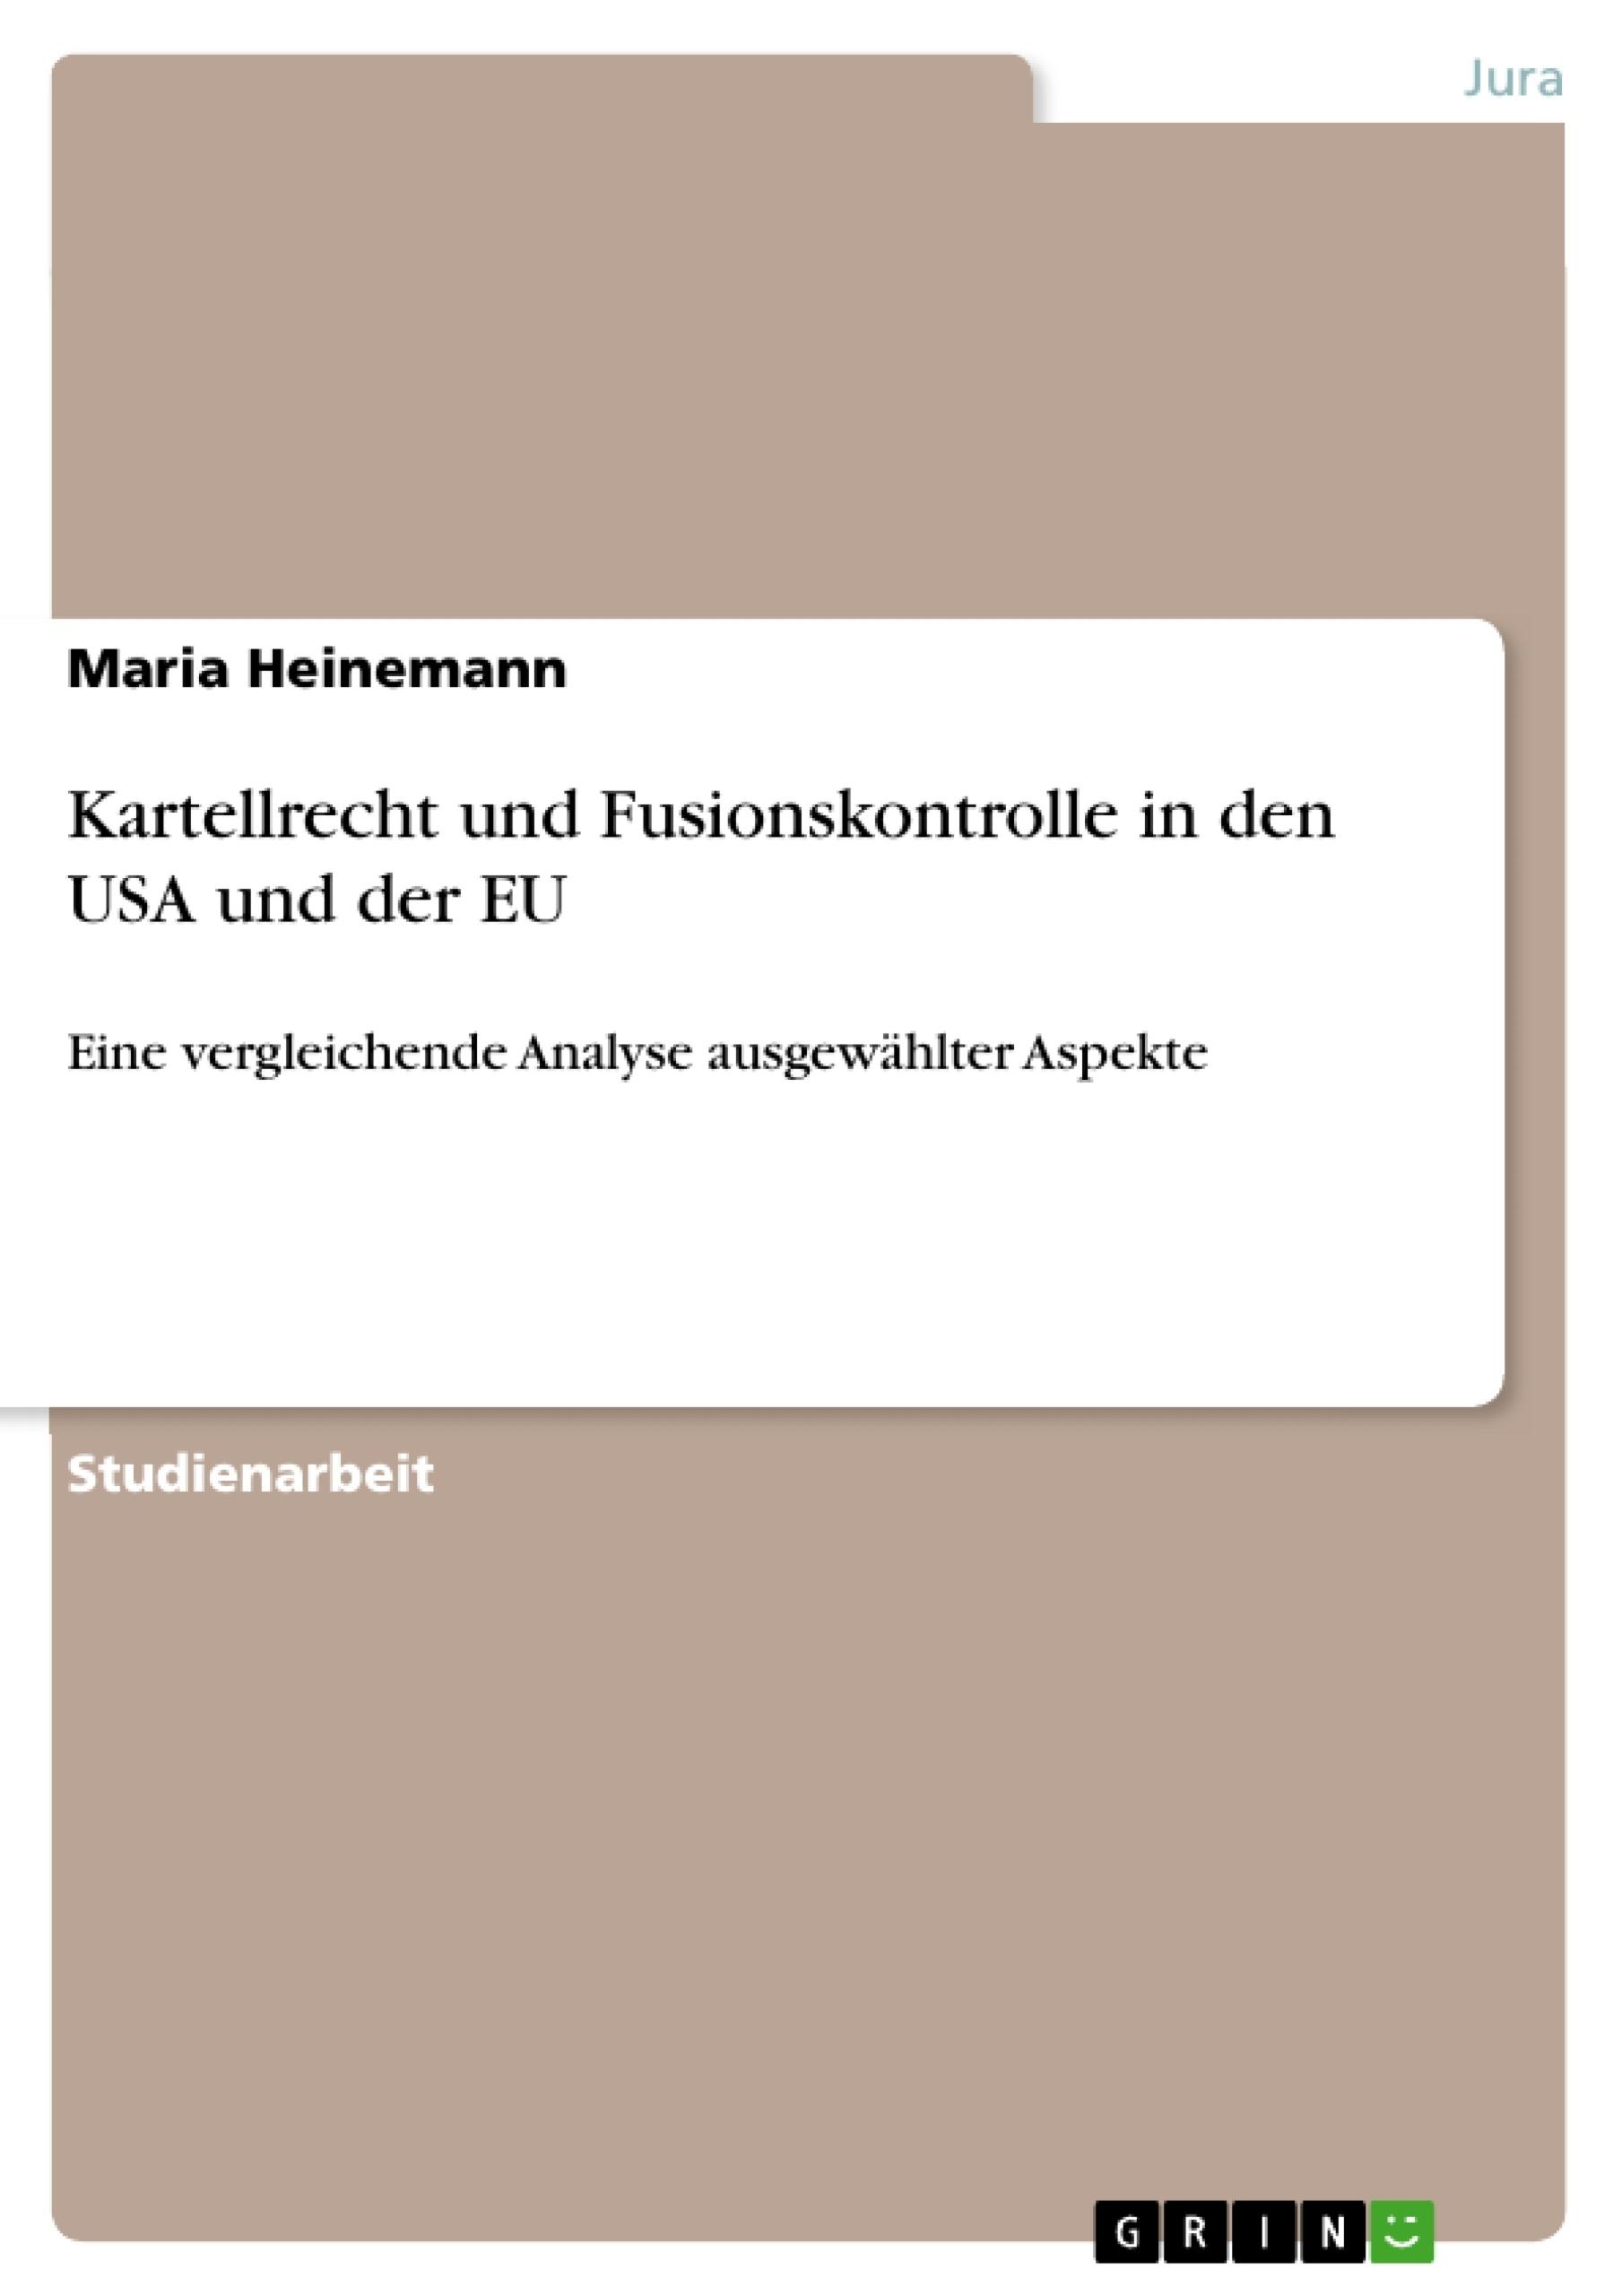 Titel: Kartellrecht und Fusionskontrolle in den USA und der EU